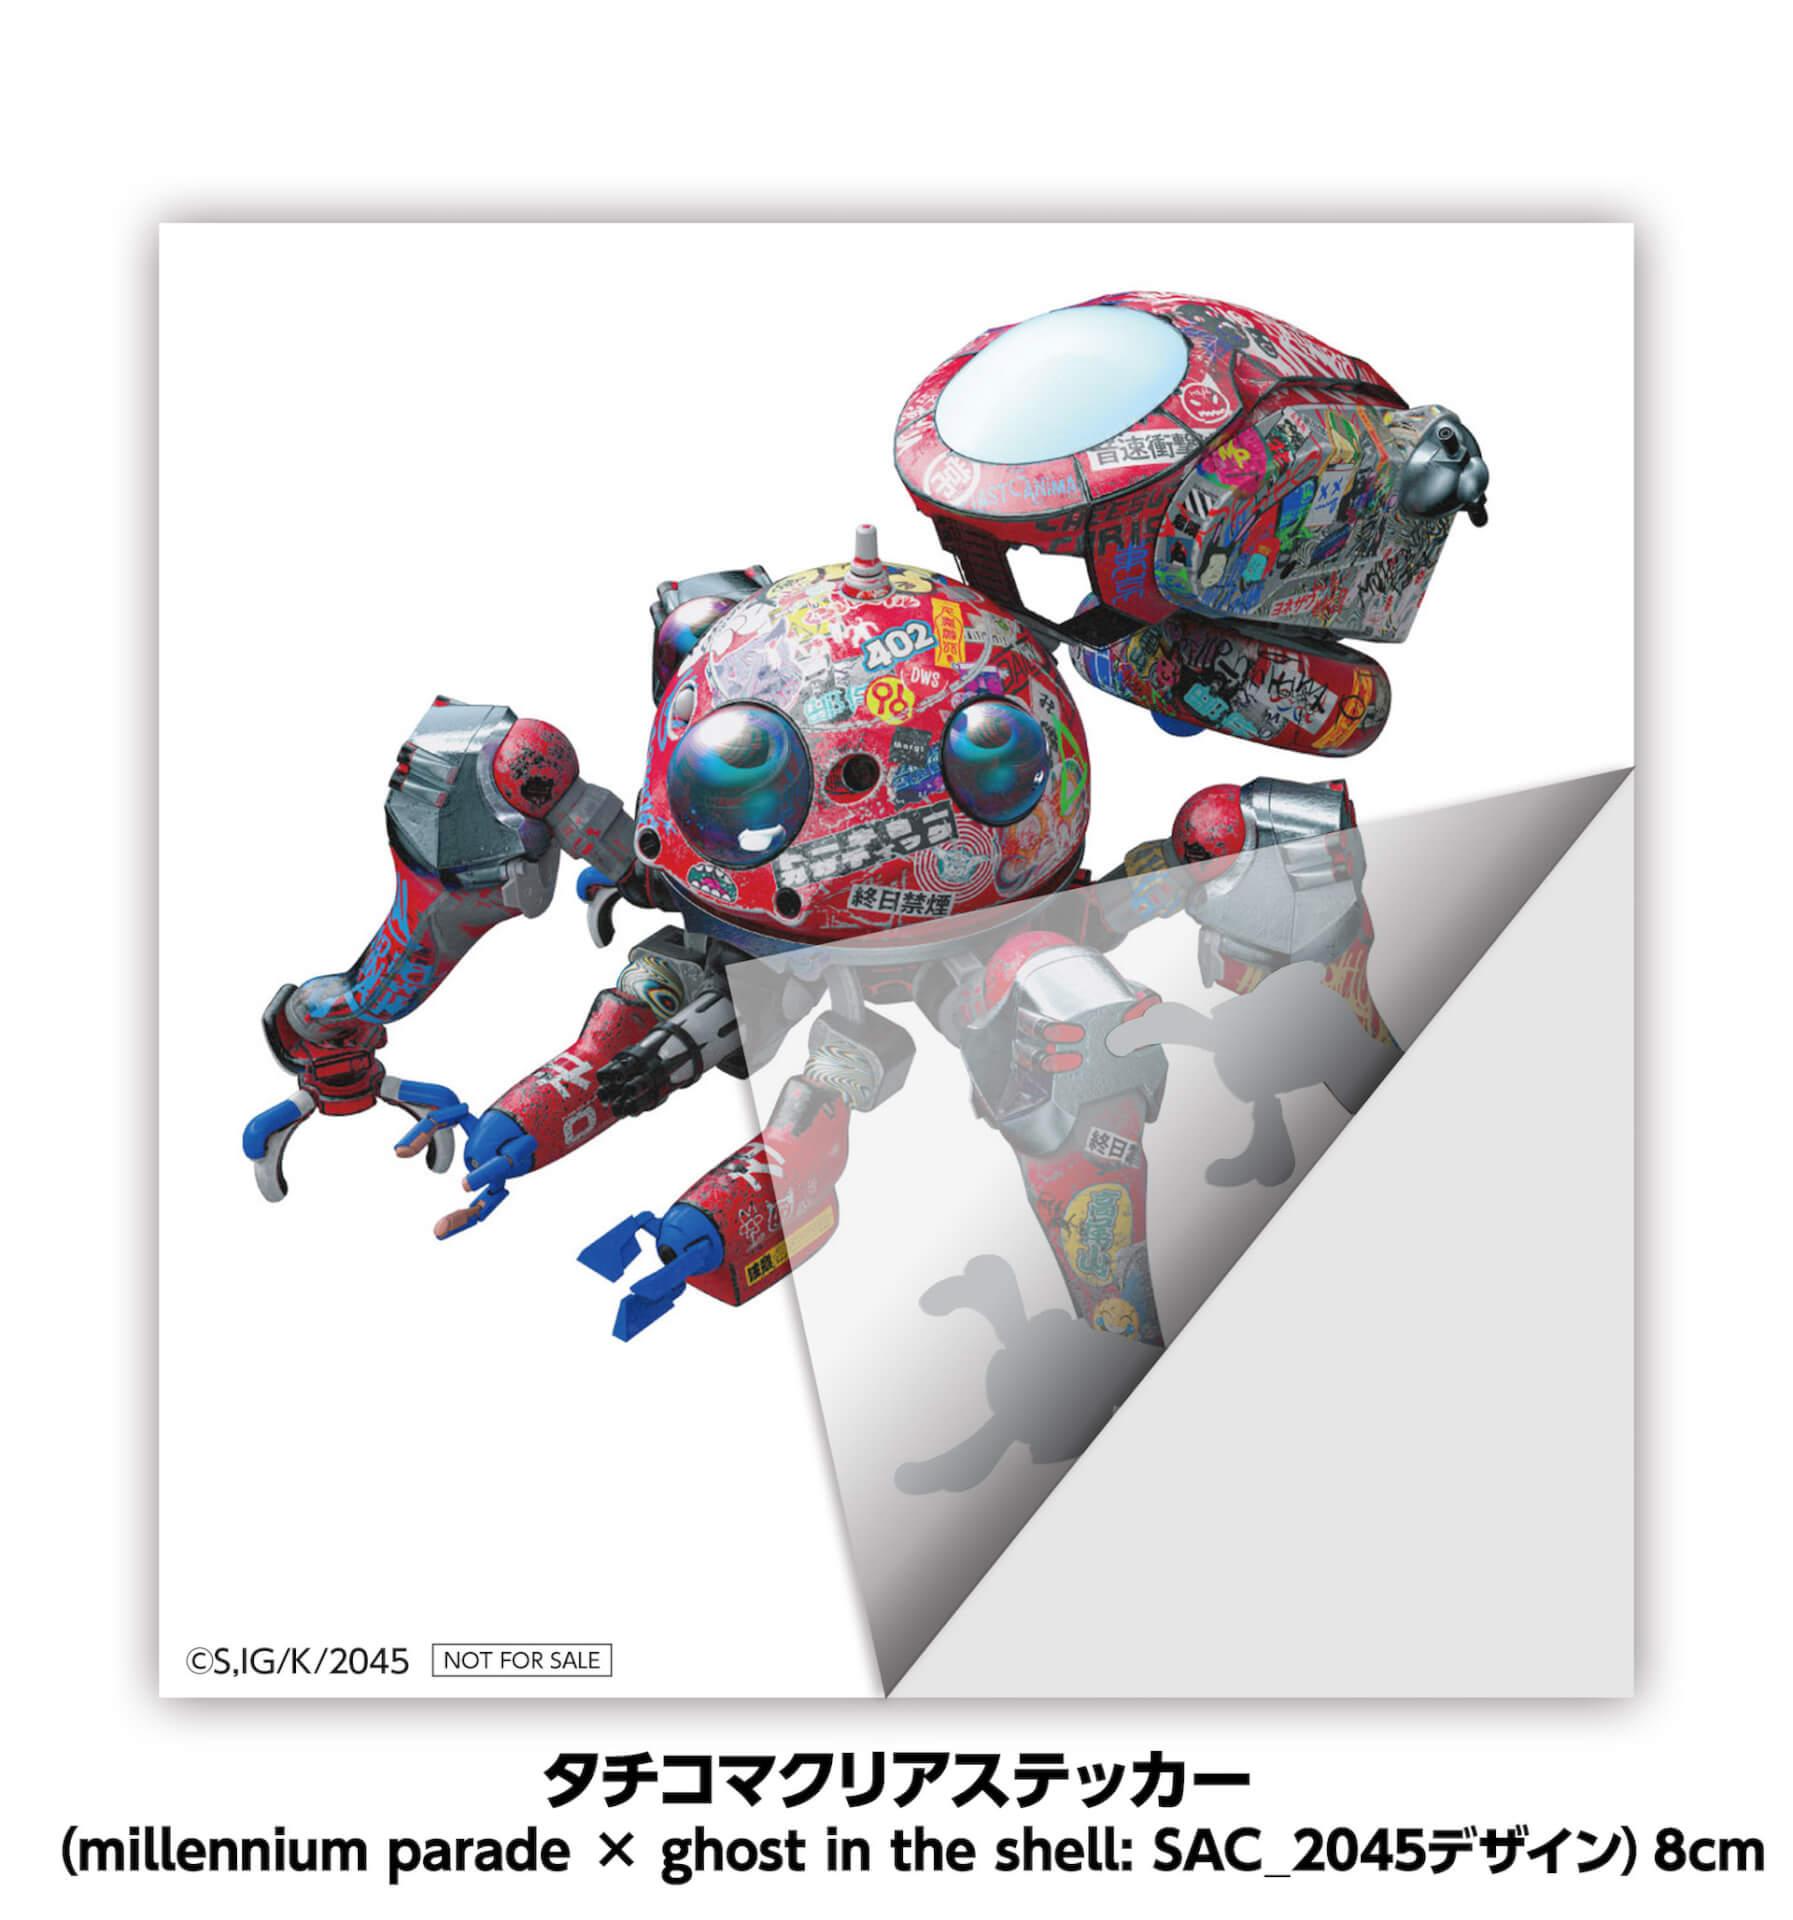 millennium paradeの攻殻機動隊テーマ「Fly with me」にSteve Aokiによるリミックス曲が収録決定!初ワンマンライブの音源も収録 art200330_ghostintheshell_tsuneda_9